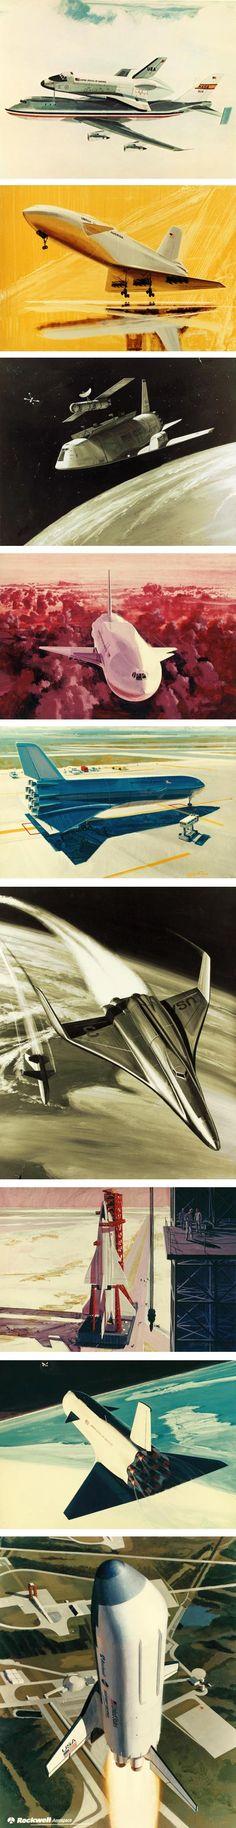 NASA Space Shuttle concept art